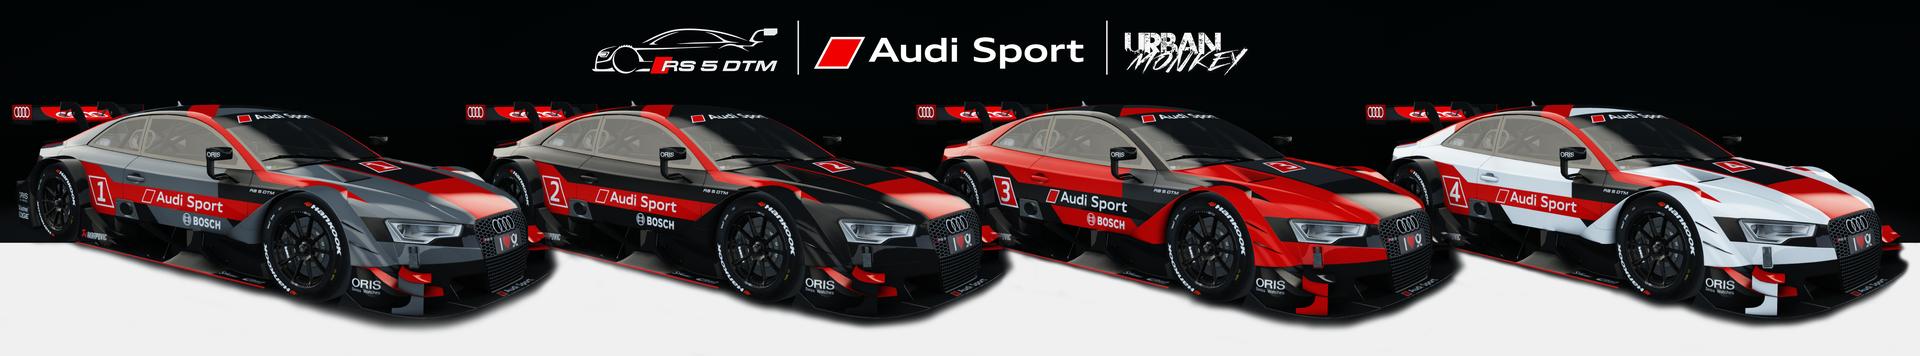 Audi Sport Pack